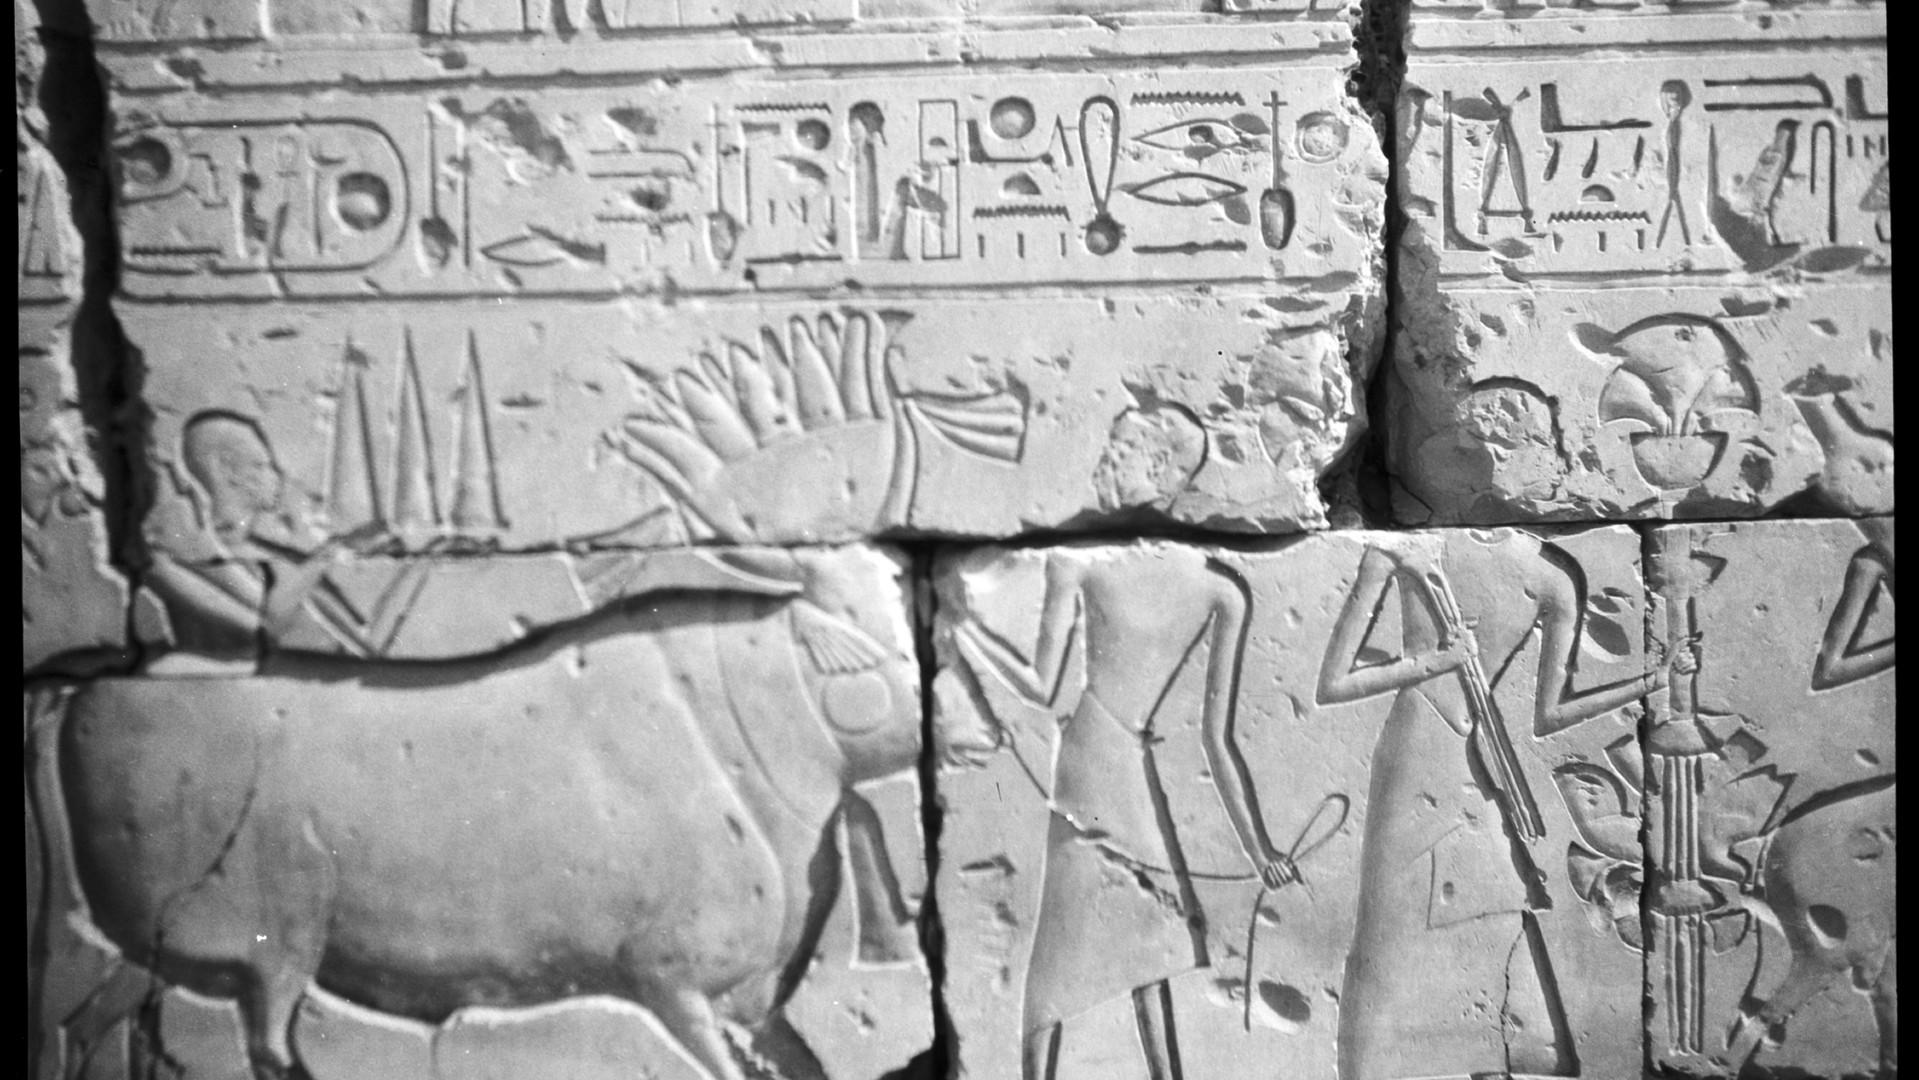 Marguerite Naville : procession sur les murs du temple de Ramsès II à Abydos (négatif) © Musée d'art et d'histoire de la Ville de Genève, inv. A 2006-0030-054-036